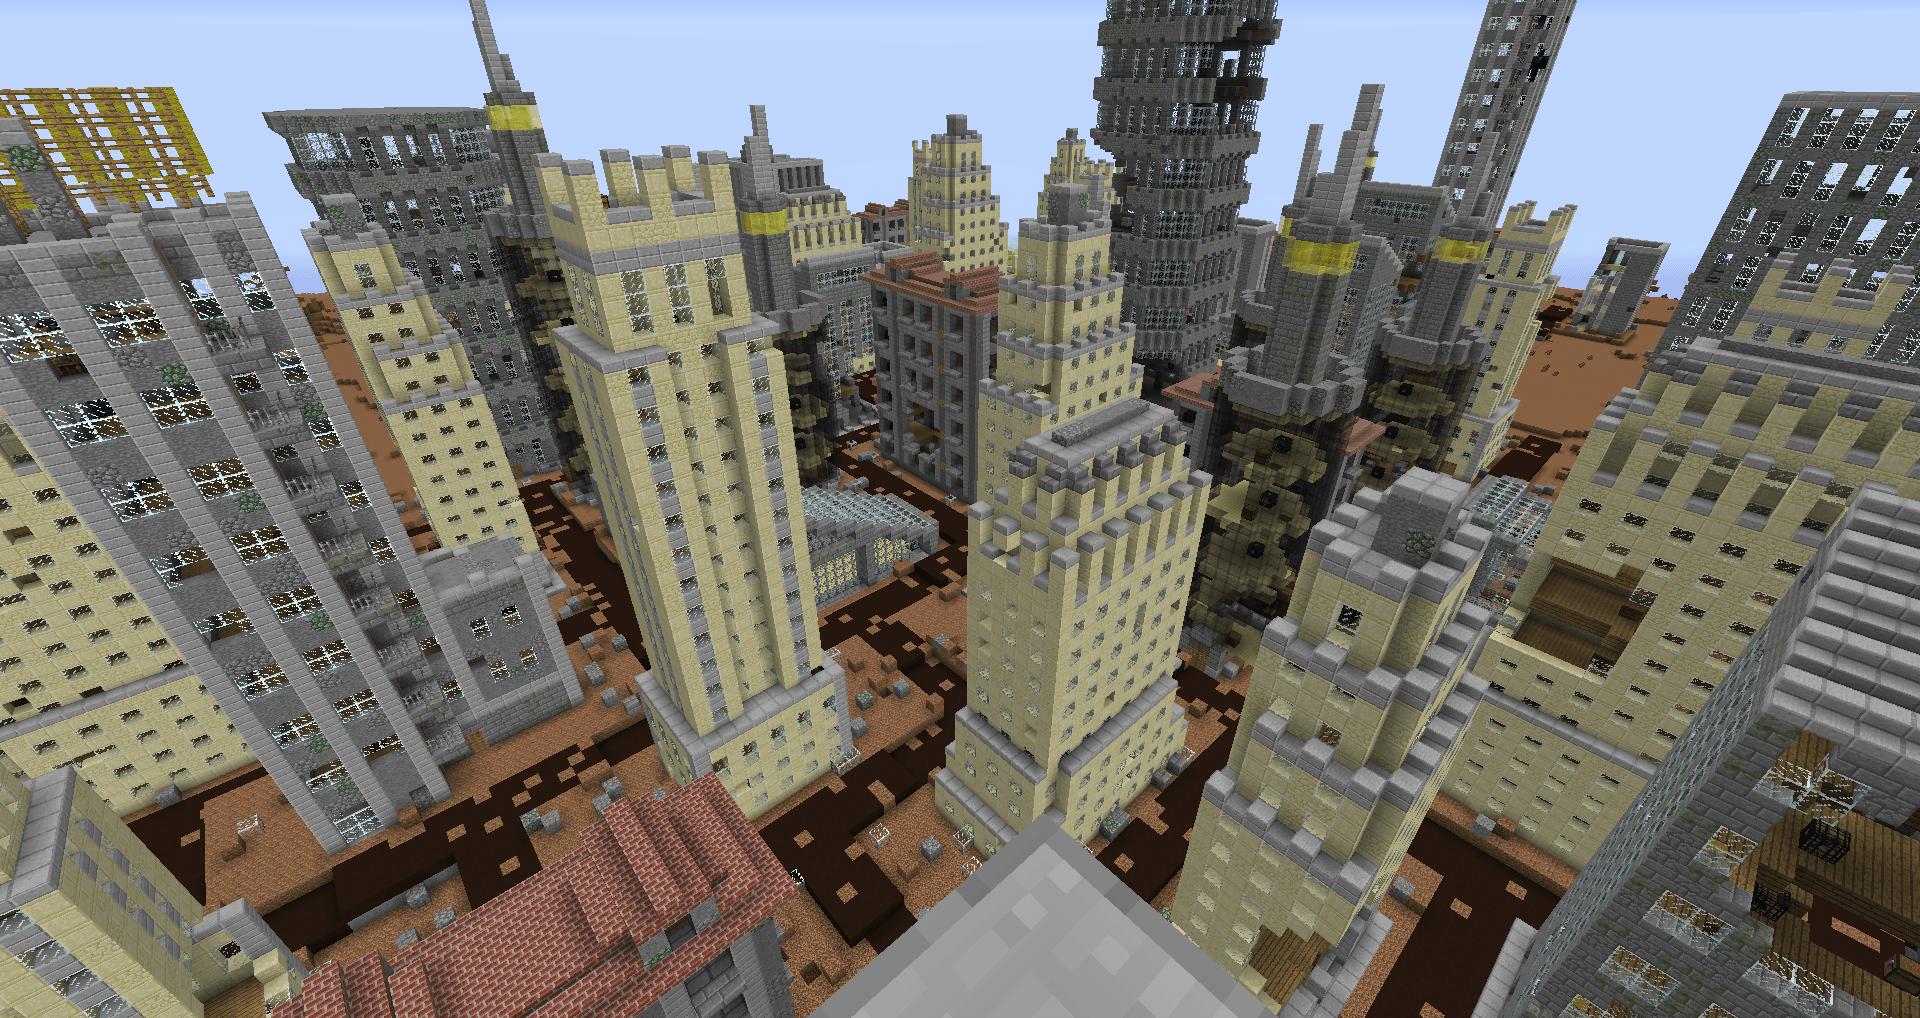 Скачать карту город для майнкрафт 1.7.10